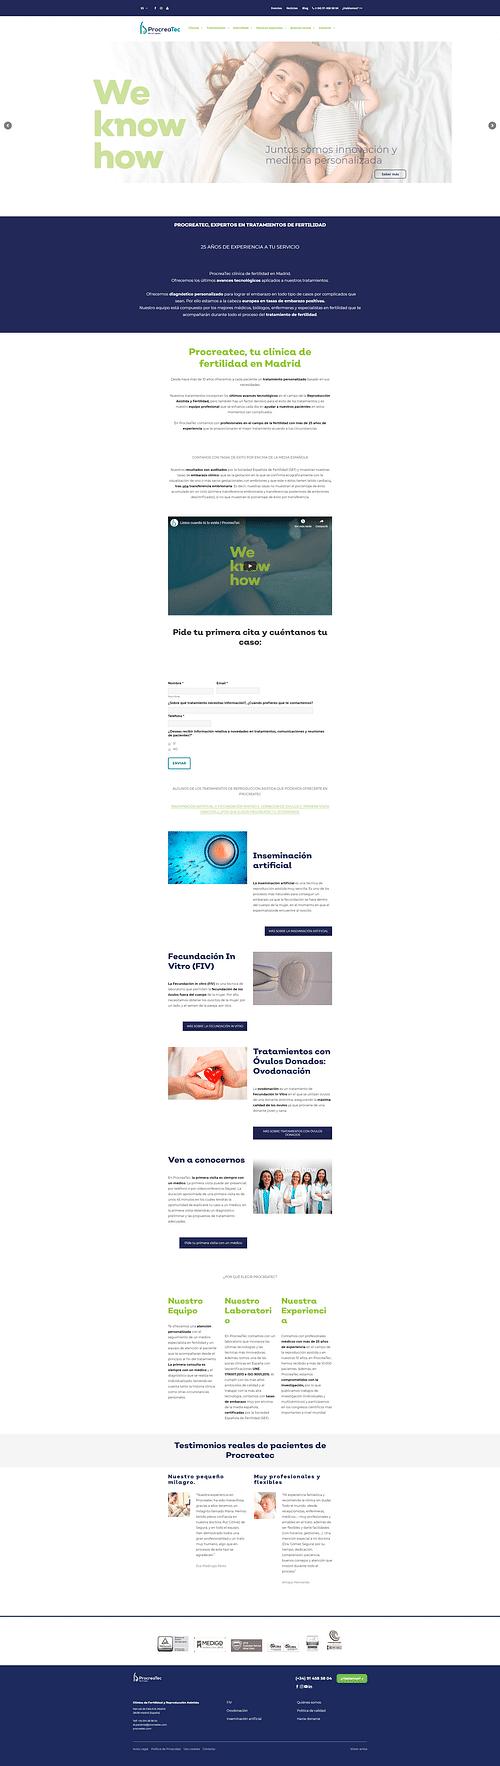 Re-Styling web adaptado a nueva imagen corporativa - Creación de Sitios Web